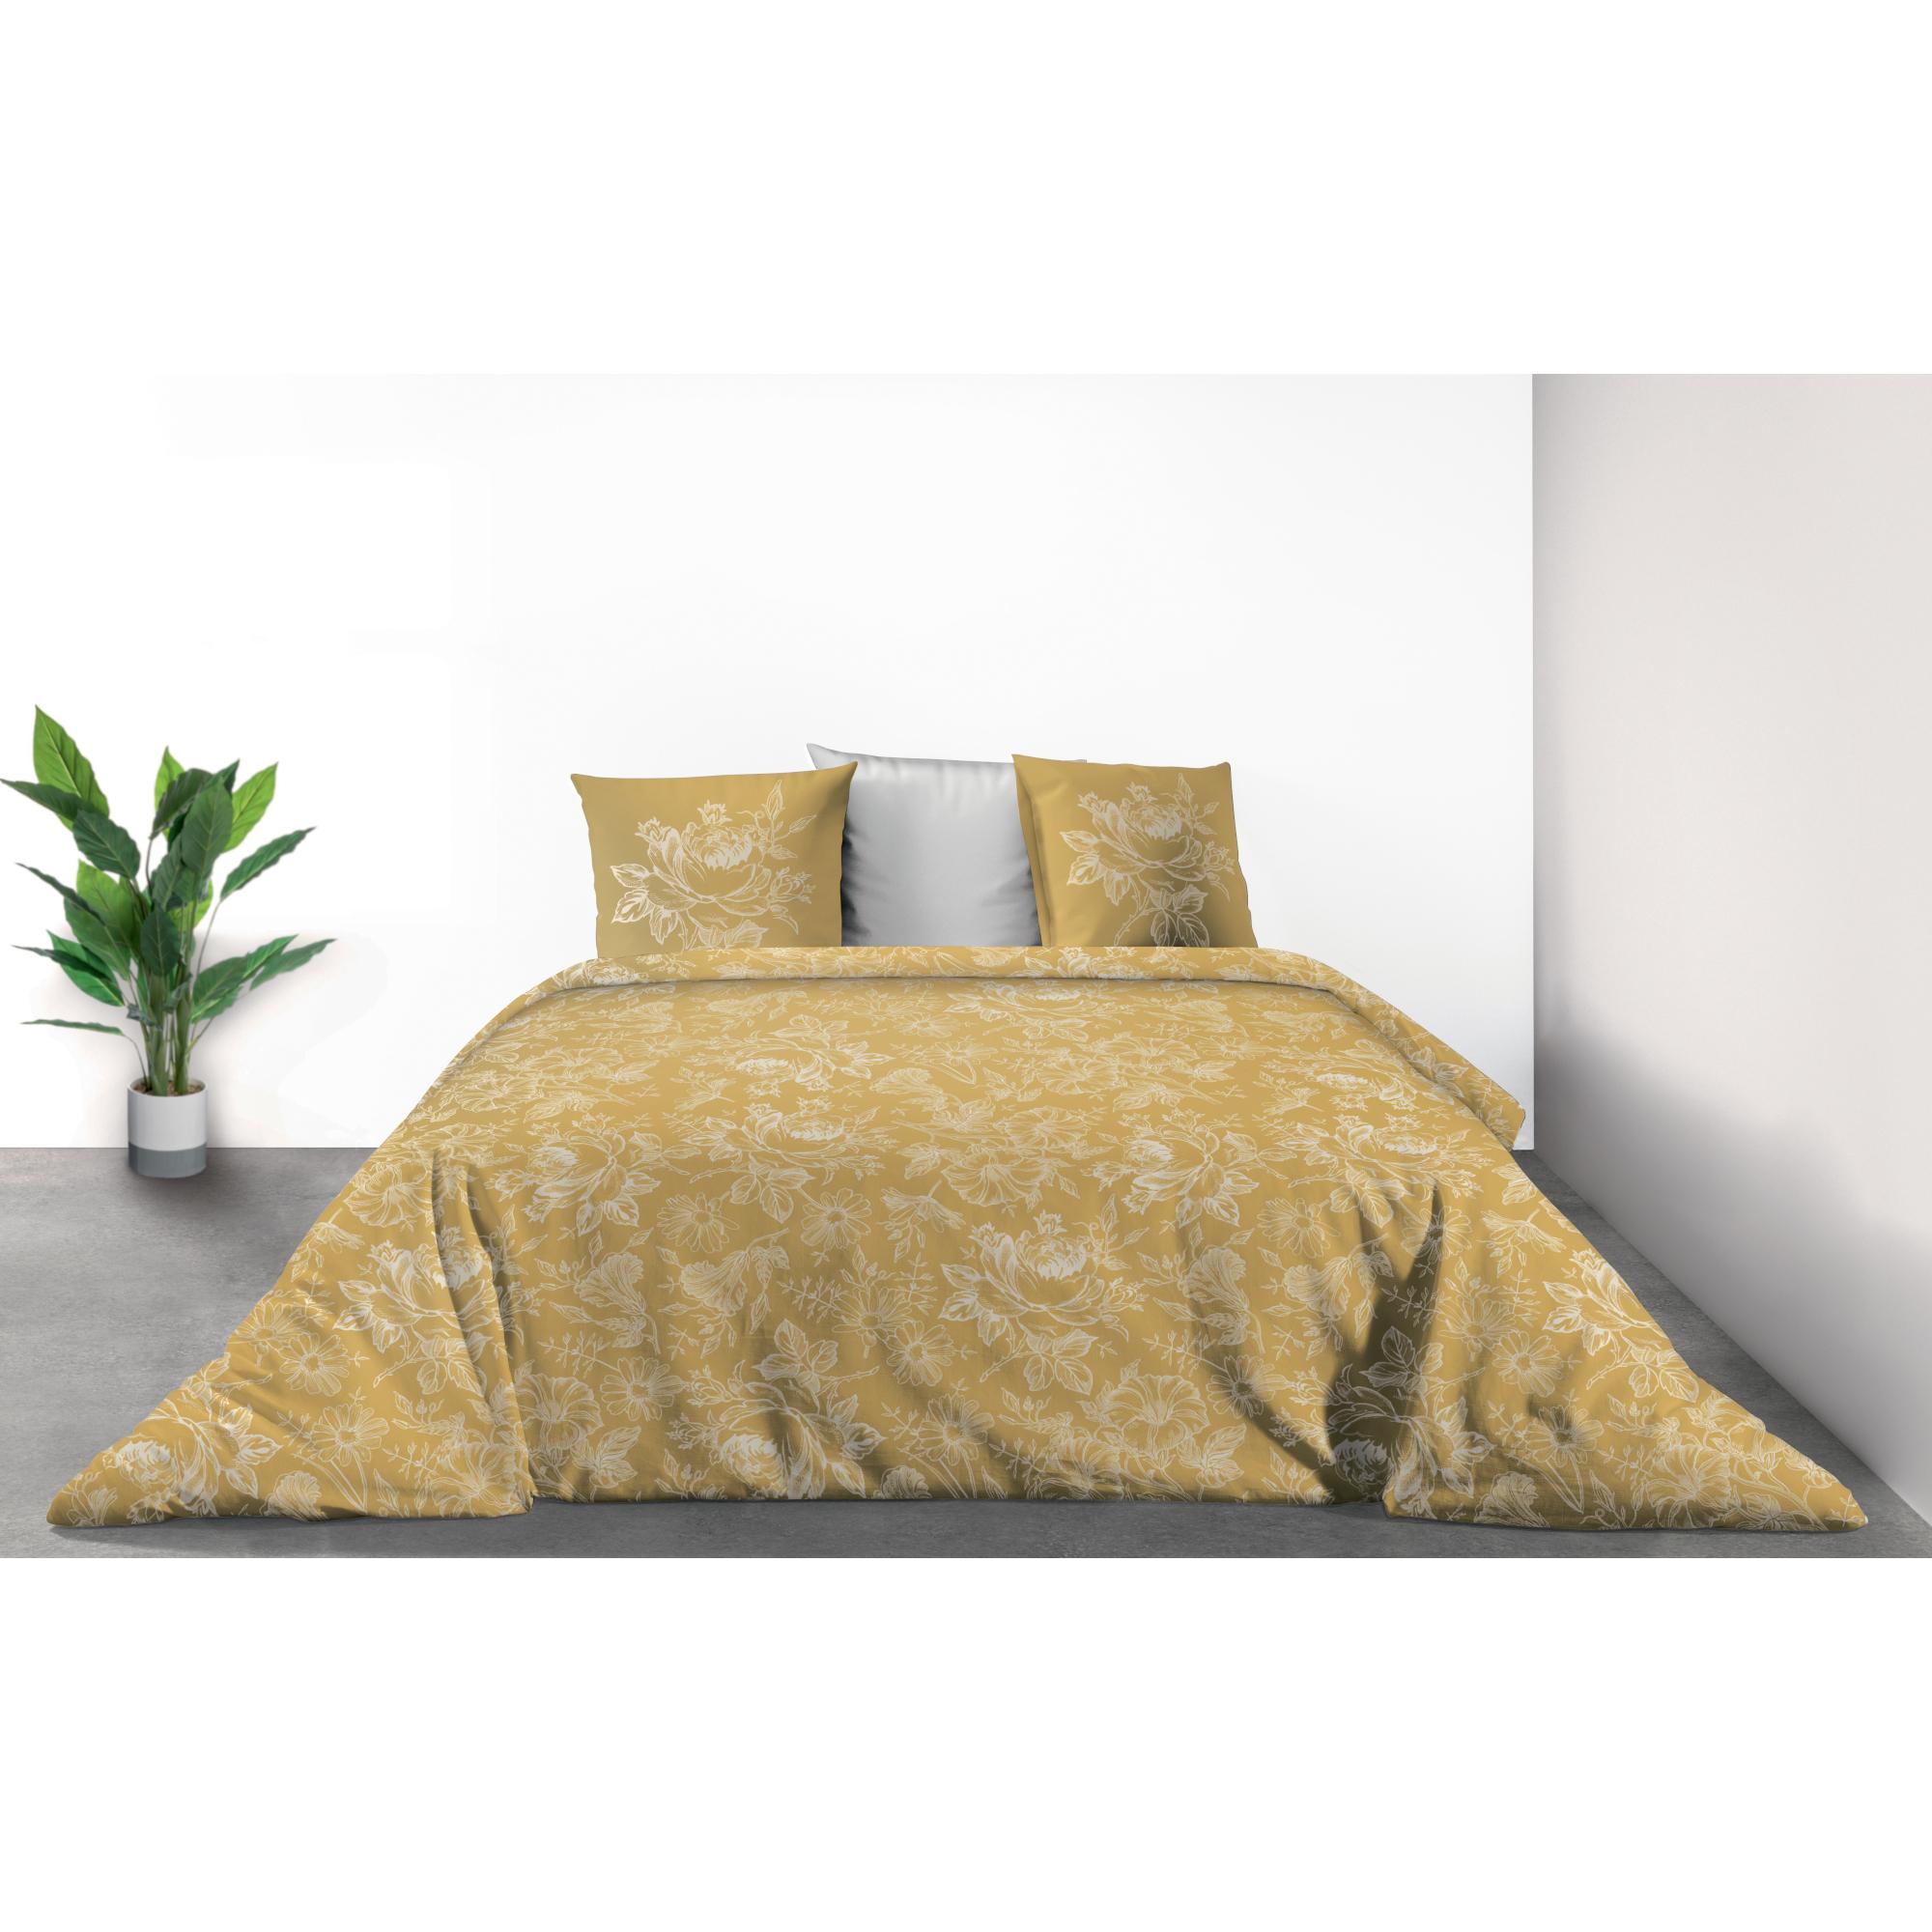 Parure de lit Bio 2 personnes Victoria Ocre avec housse de couette et taies d'oreiller Imprimé 200 x 200